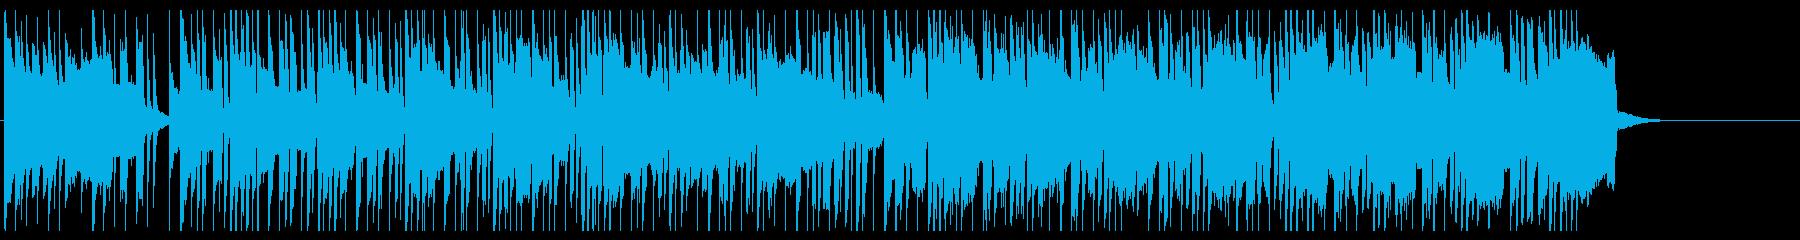 楽しい 情報 CM PR 元気 いきいきの再生済みの波形